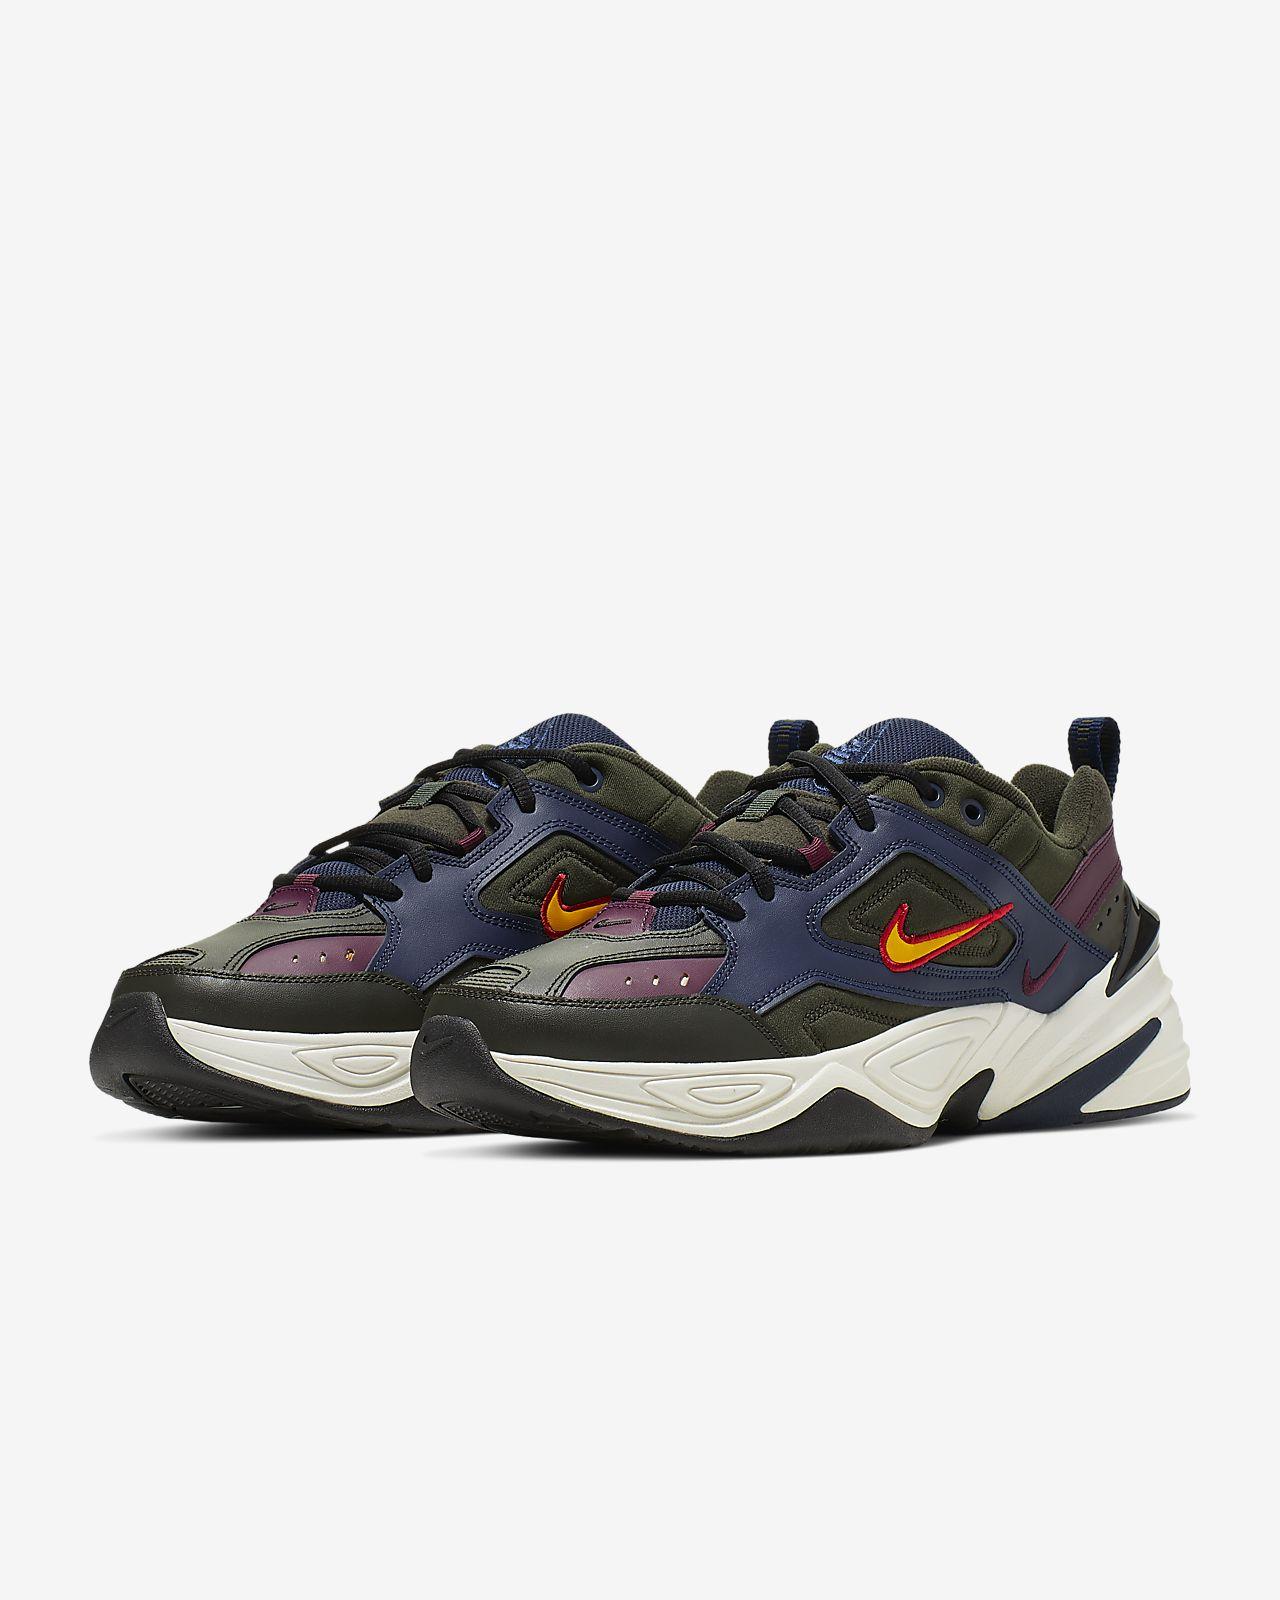 release date bab0b e5fb2 ... Nike M2K Tekno Men s Shoe